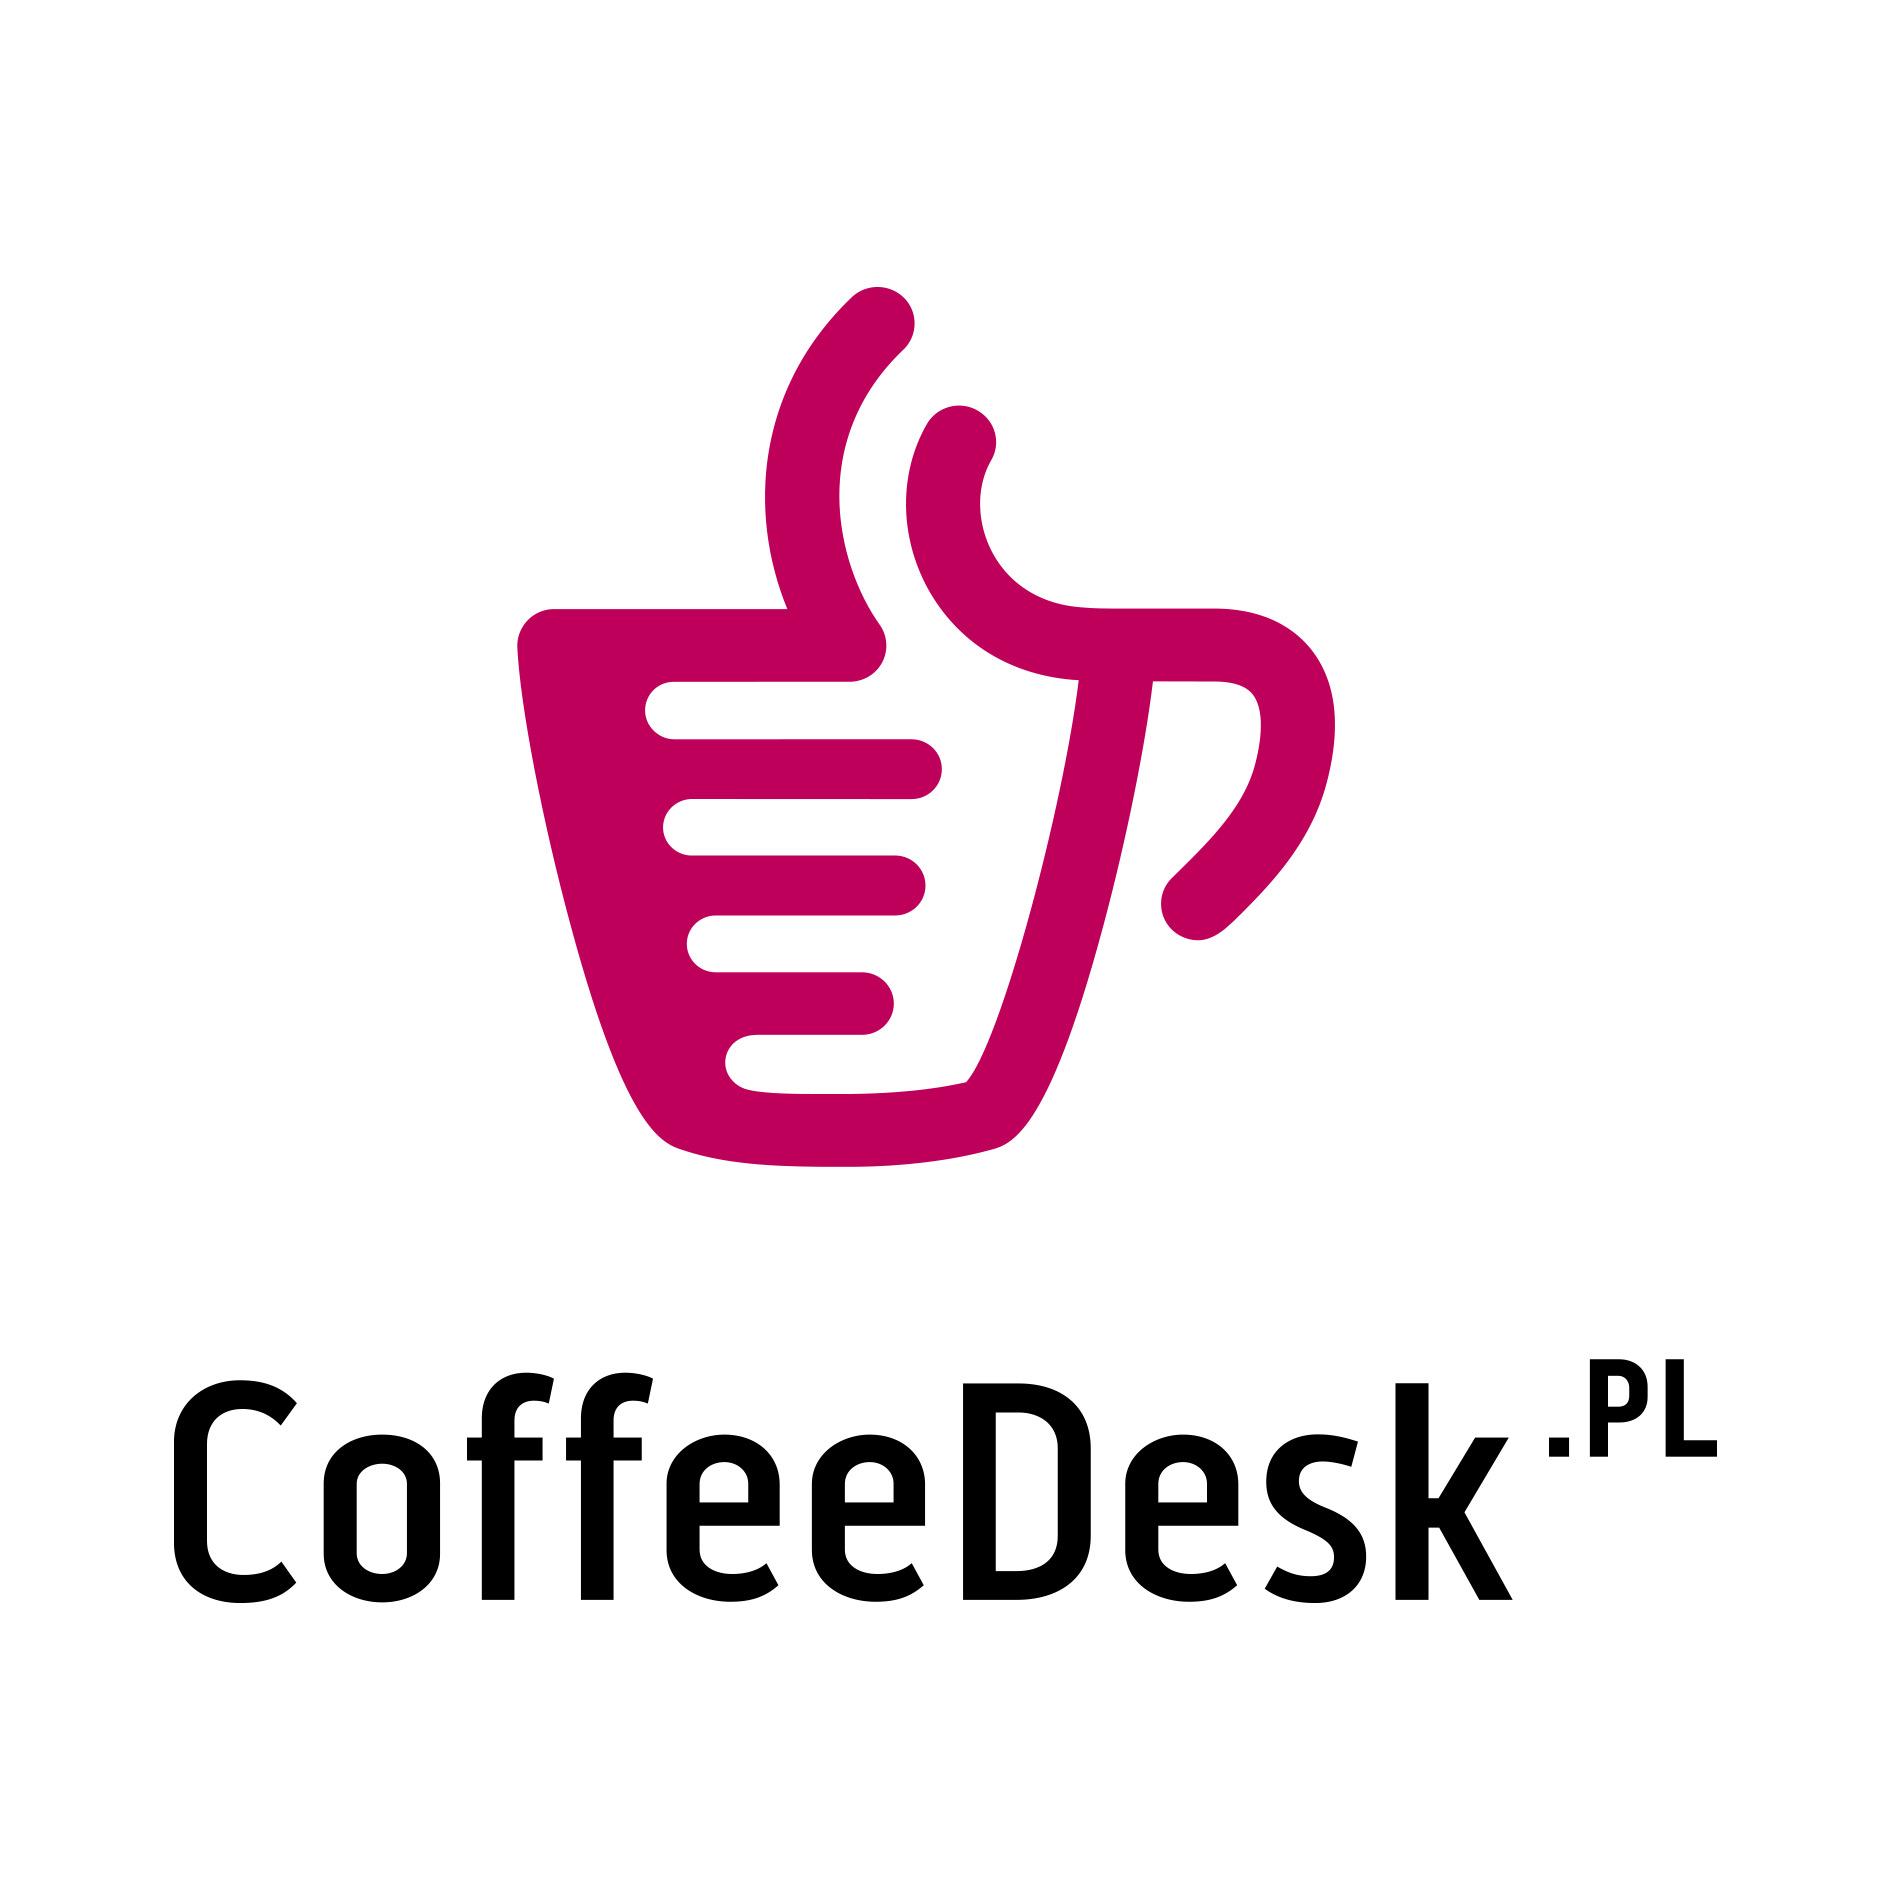 Coffeedesk - darmowa dostawa bez MWZ